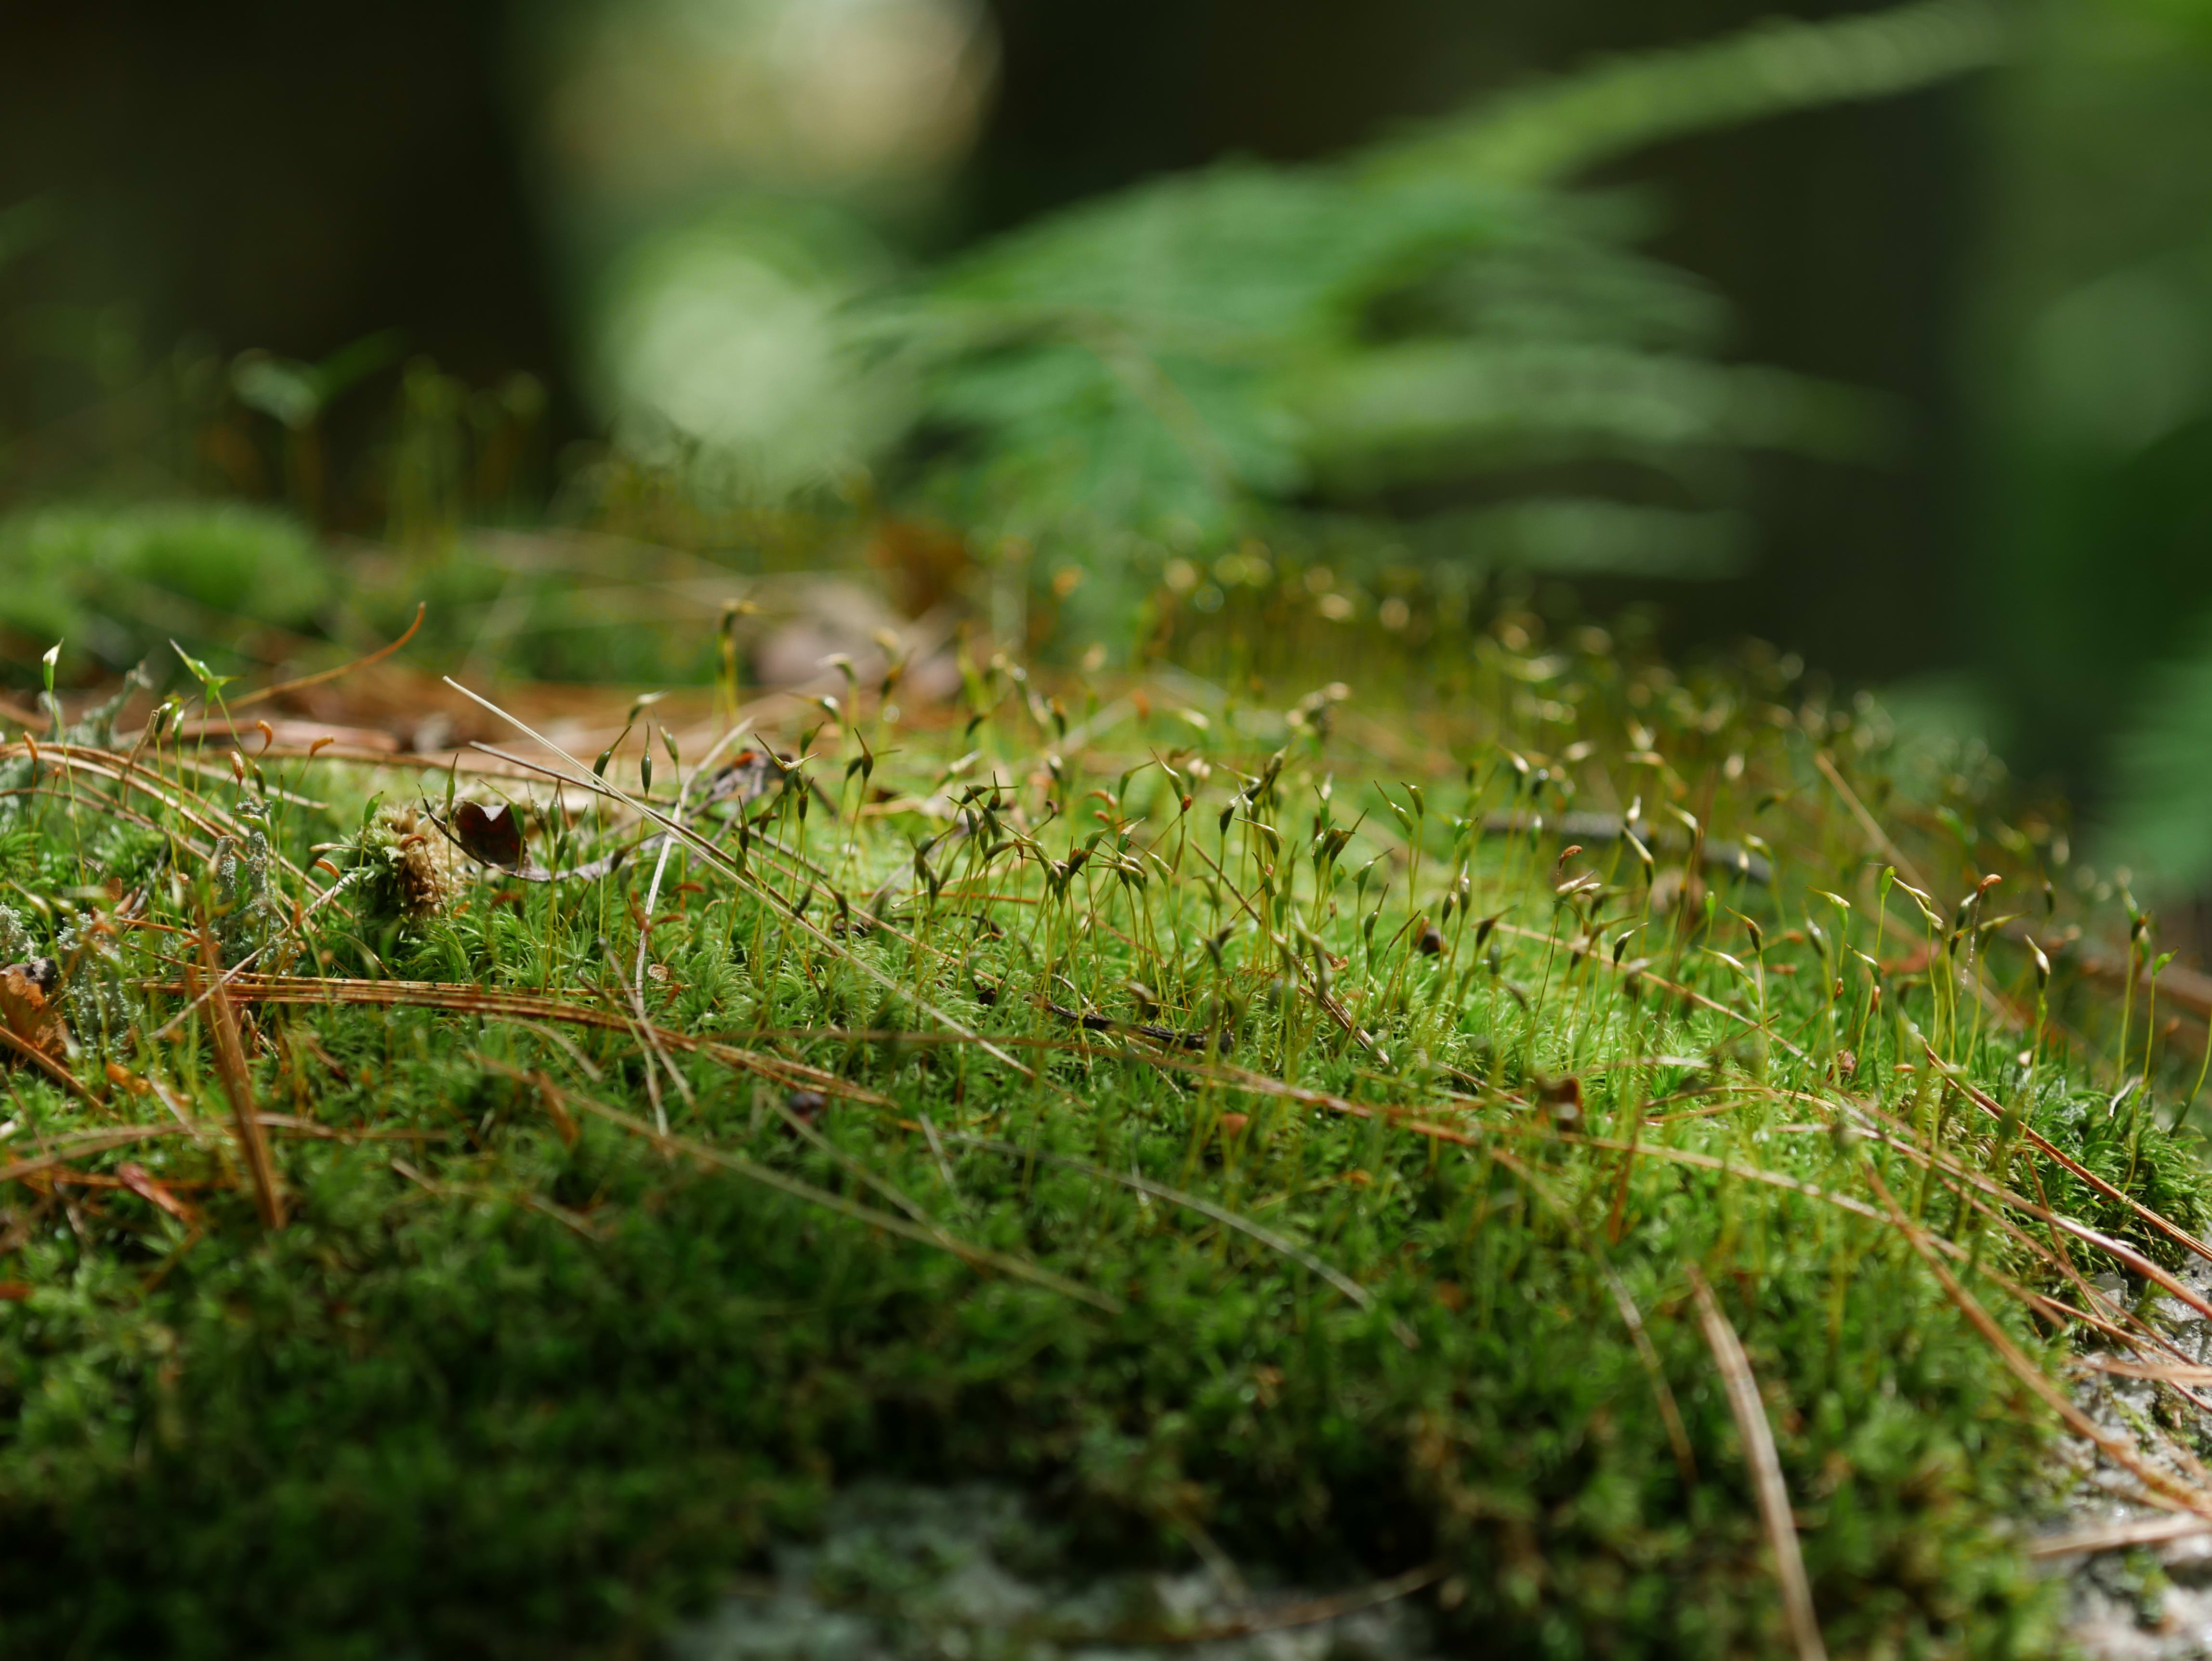 A photo taken by the Panasonic Lumix G7 of moss.